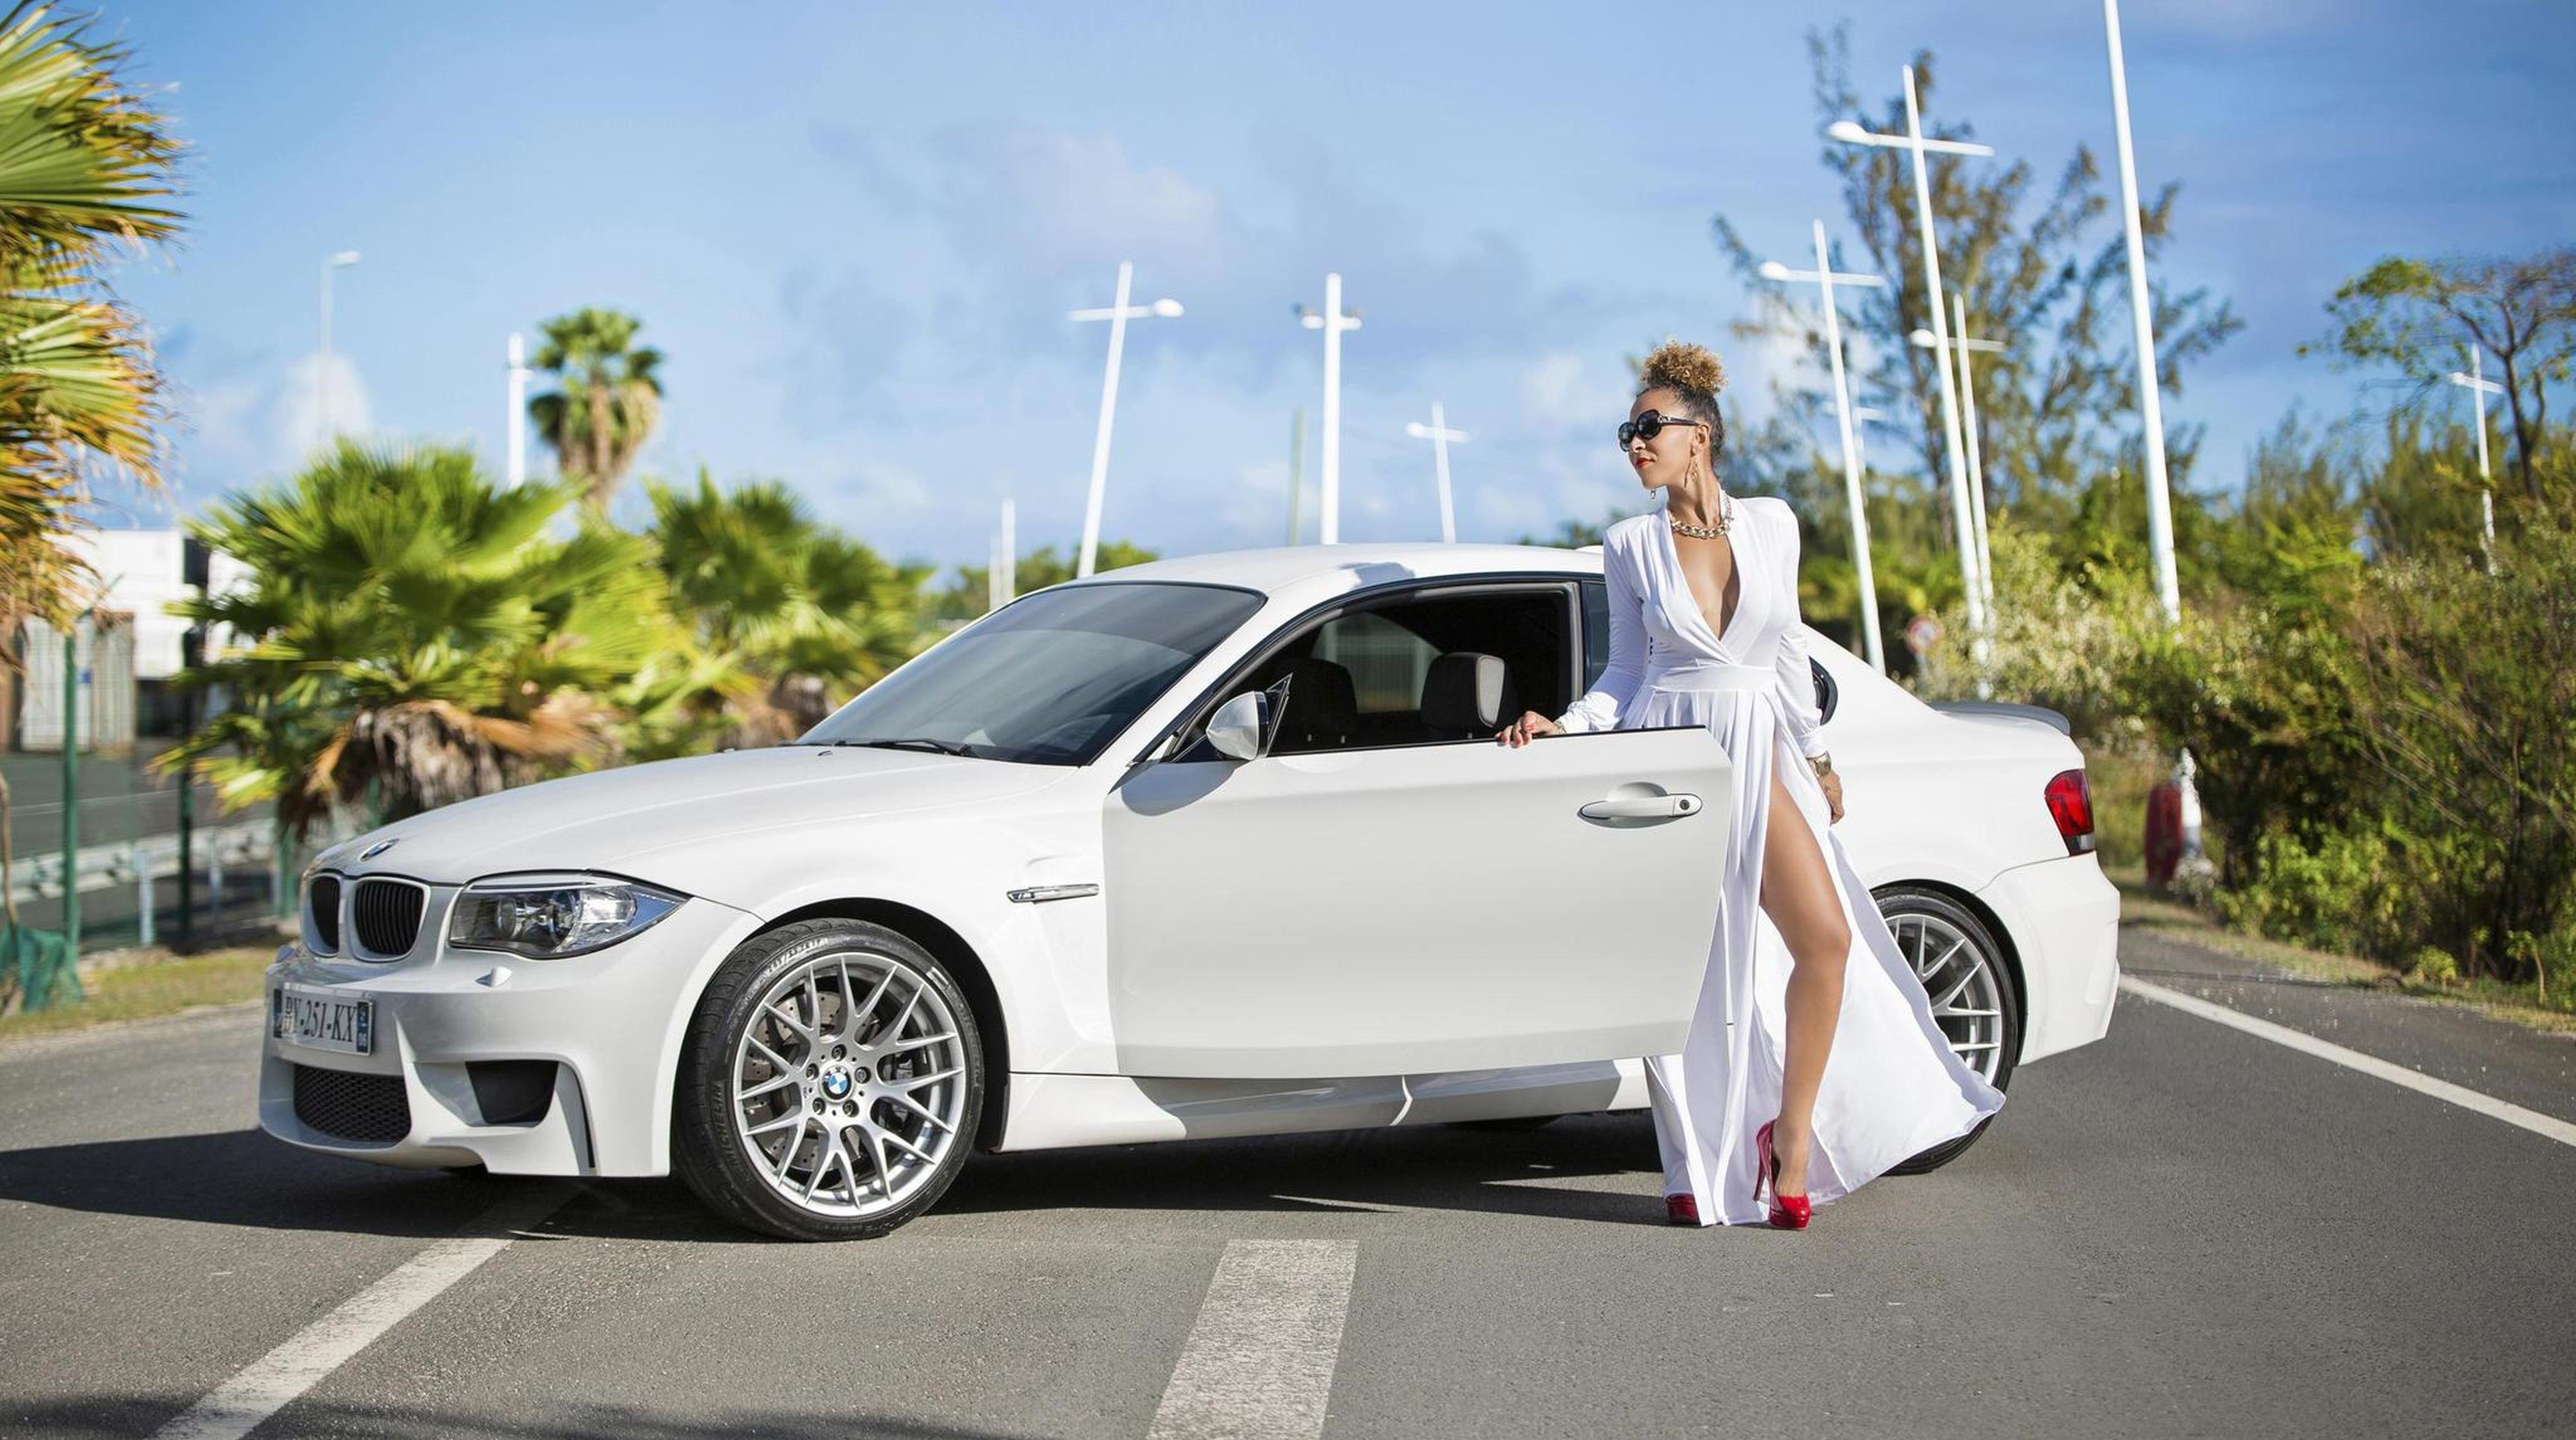 Girl Car Bmw Model Dress White Wallpaper 4096x2290